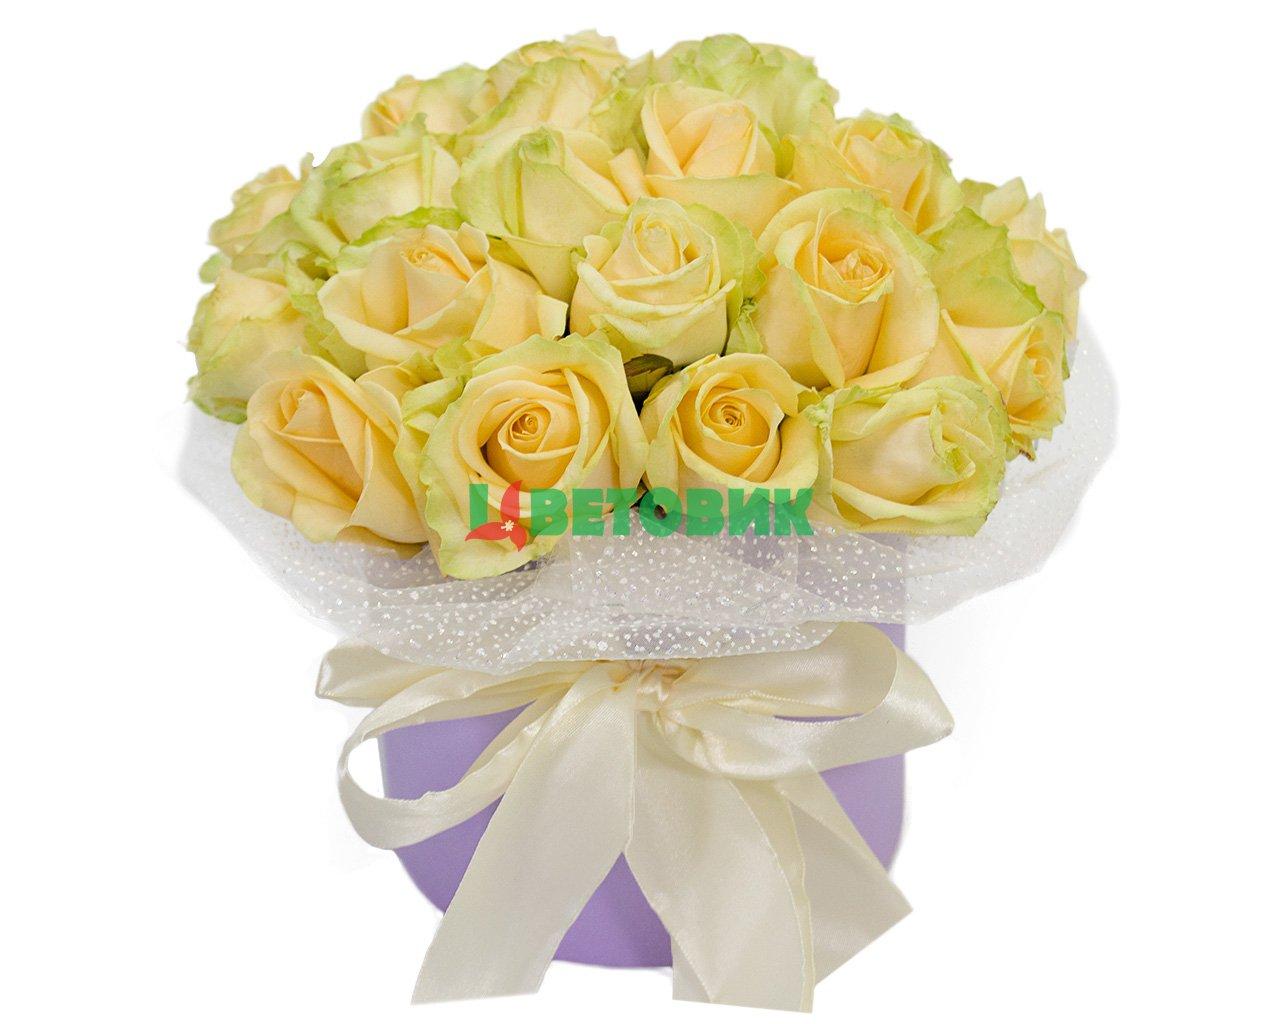 Где купить цветы дешево в спб купчино калы цветы купить омск